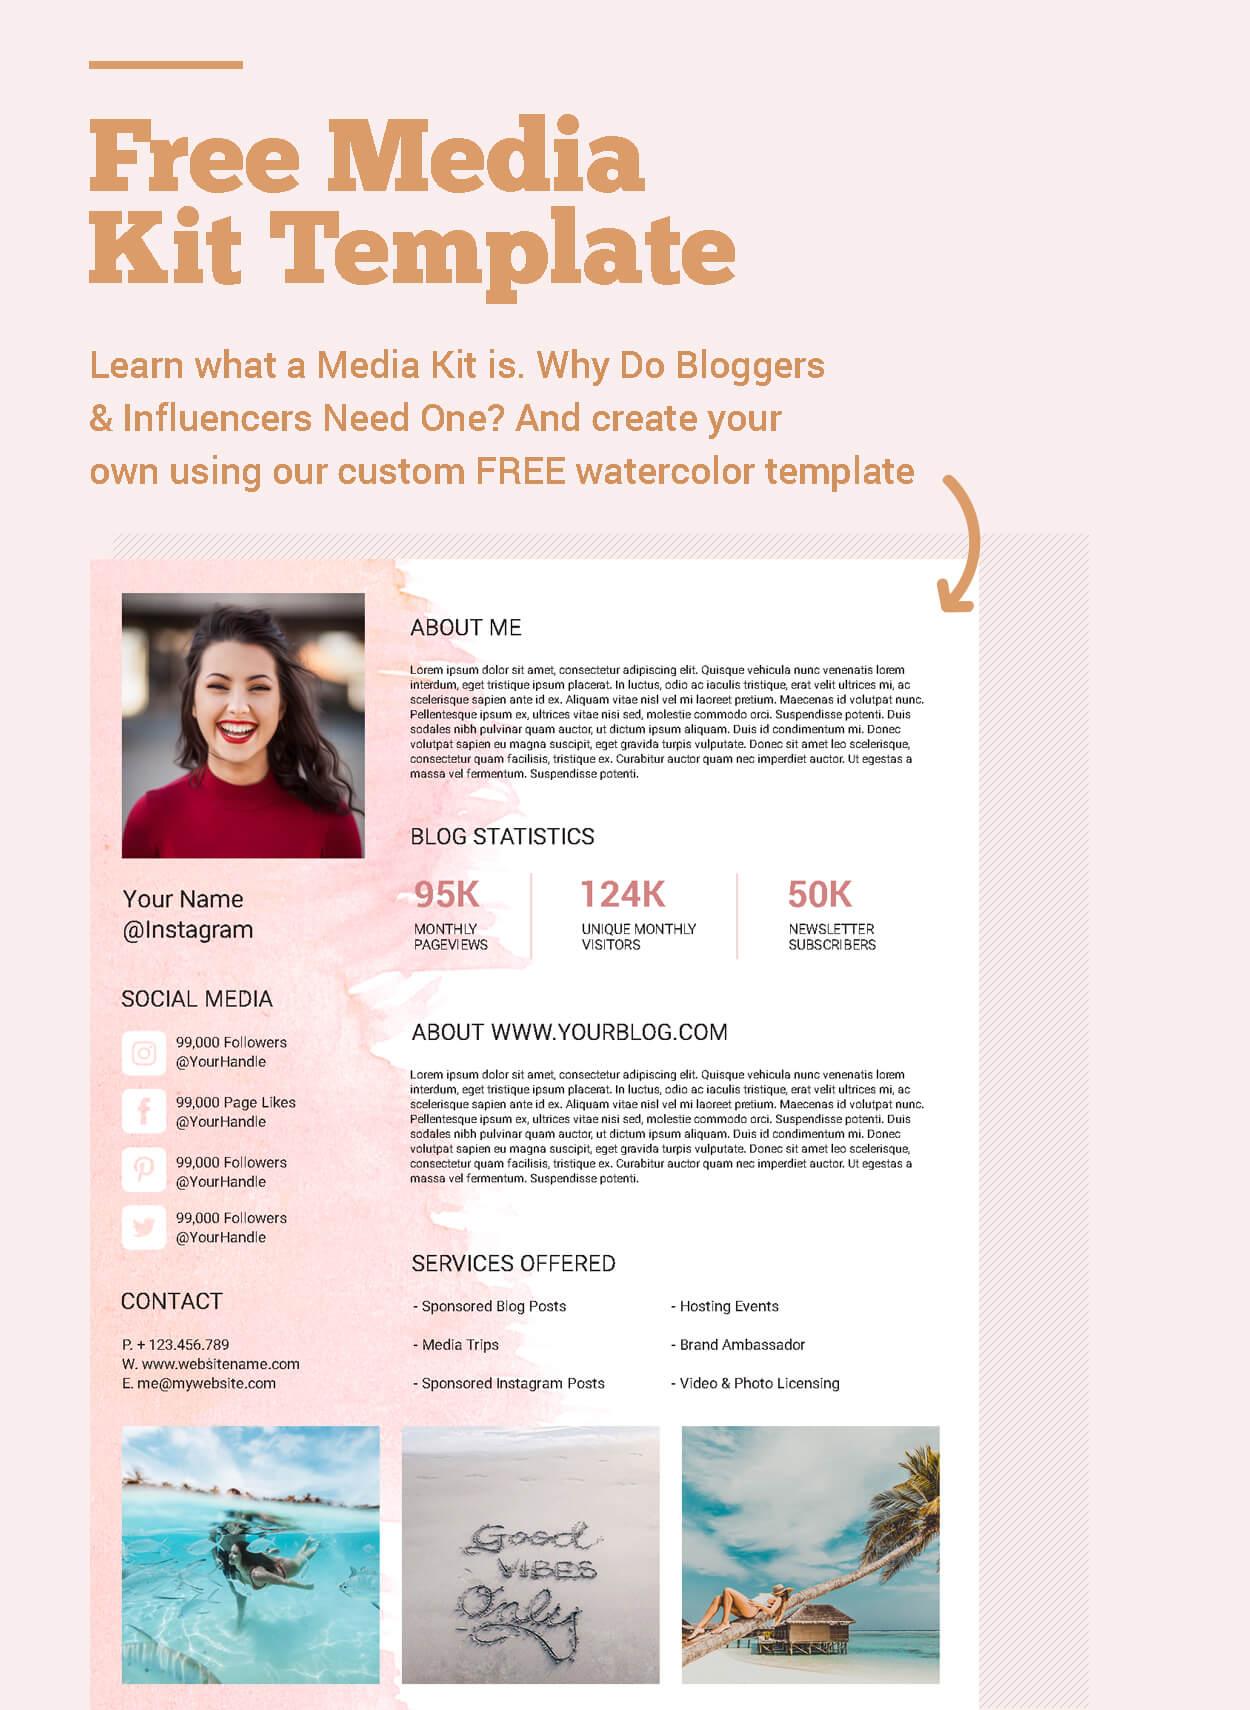 Free-MediaKit-Template-PSD.jpg